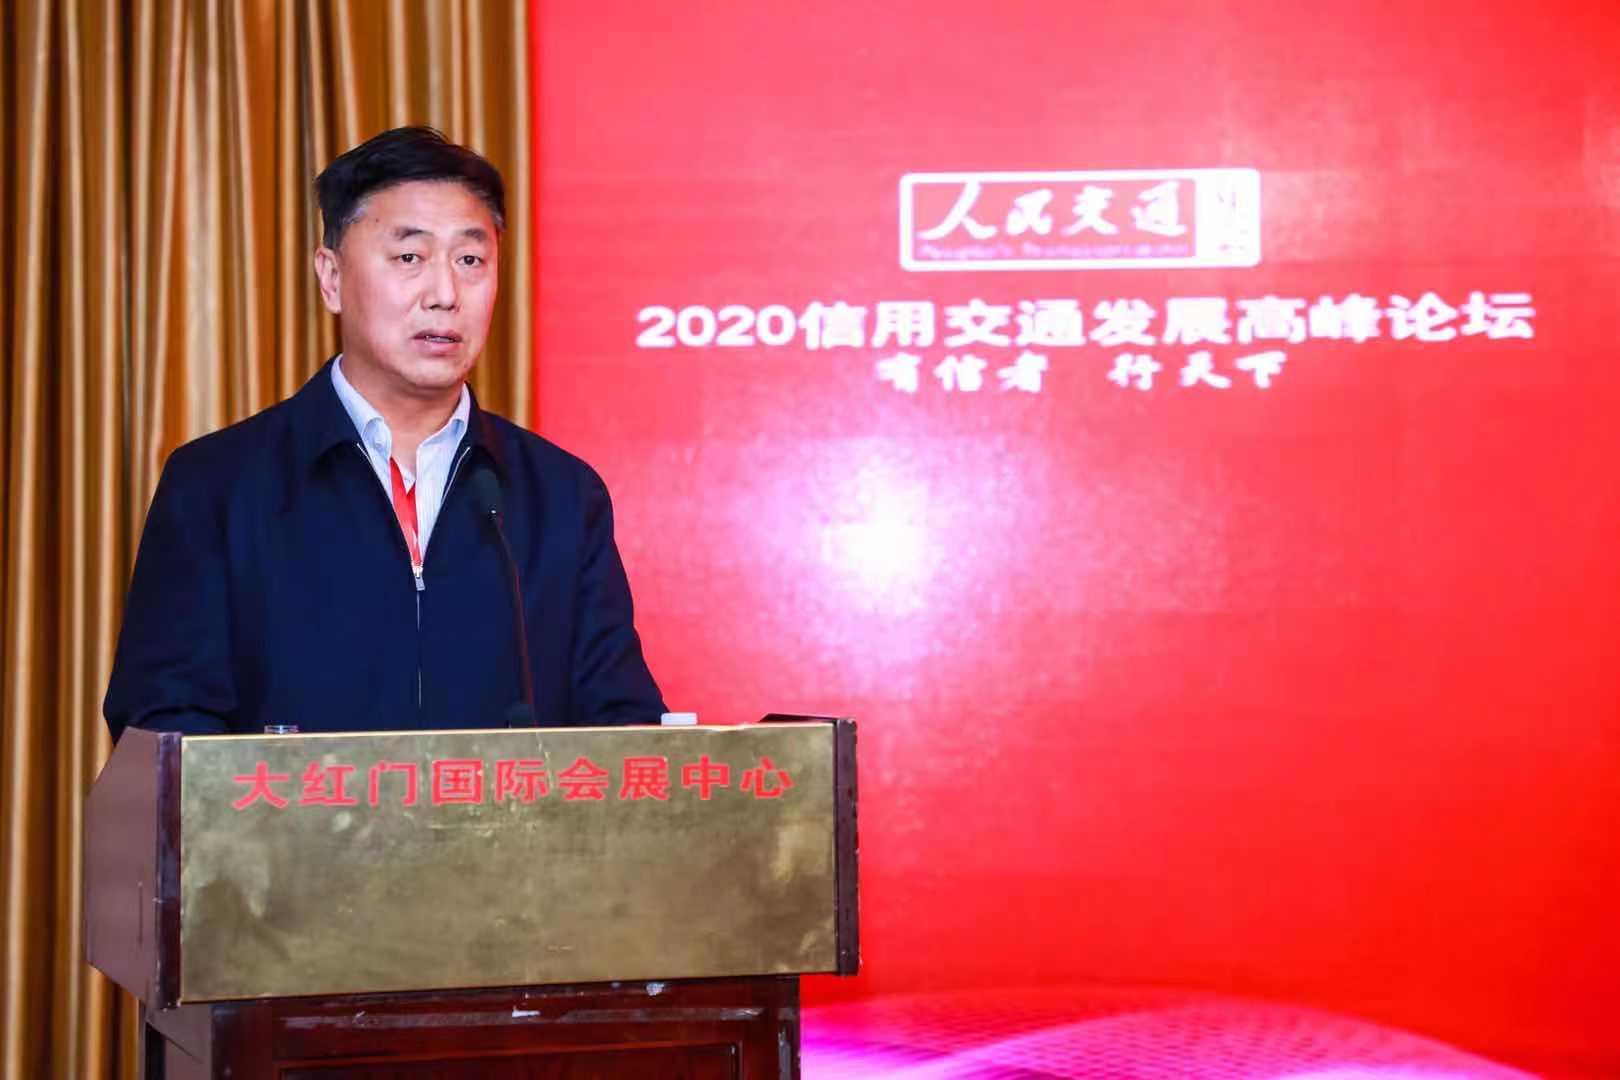 交通运输部政研室二级巡视员李占川在2020信用交通发展高峰论坛上主旨演讲